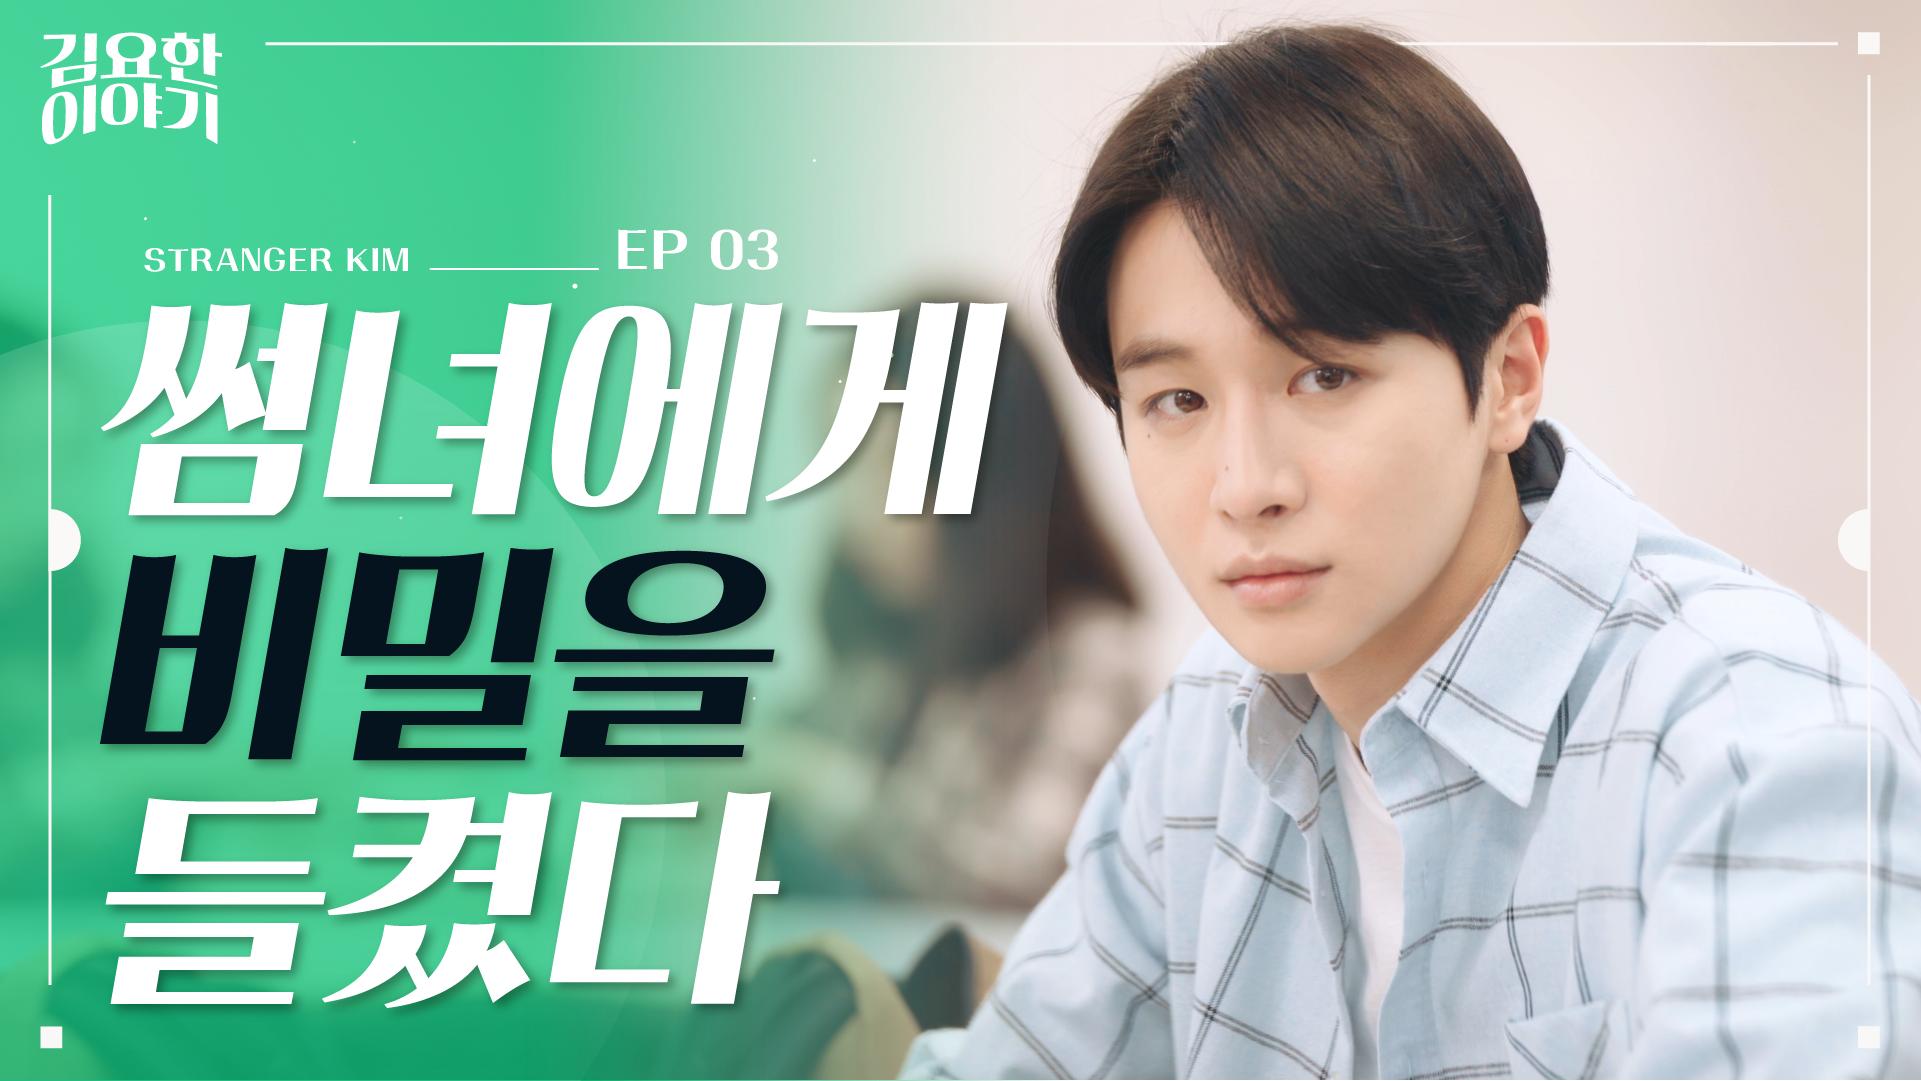 썸녀가 내 비밀을 알다니,,,😥 [김요한 이야기] EP03 진실통역기